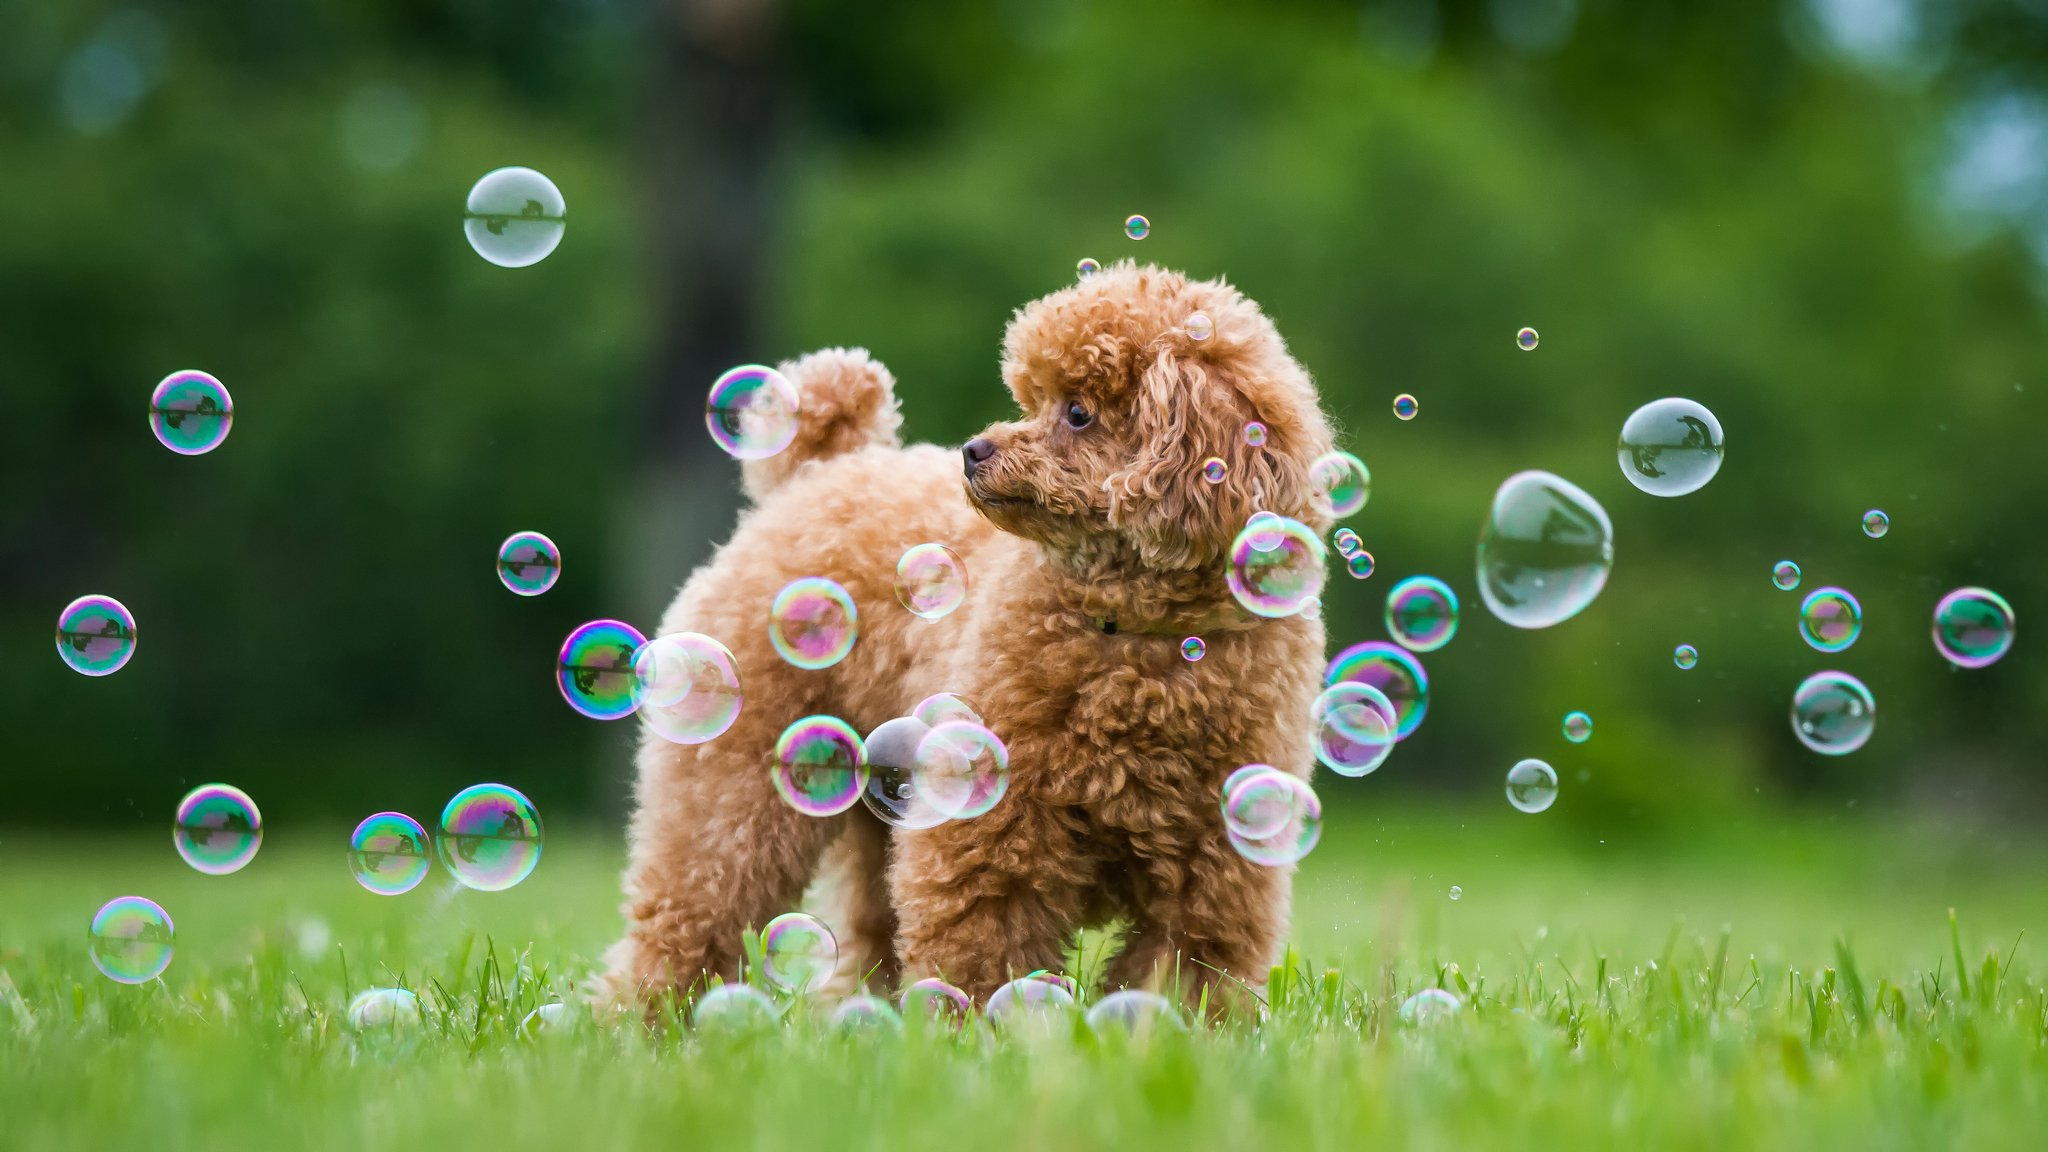 милая девочка с мыльными пузырями  № 1823260 загрузить